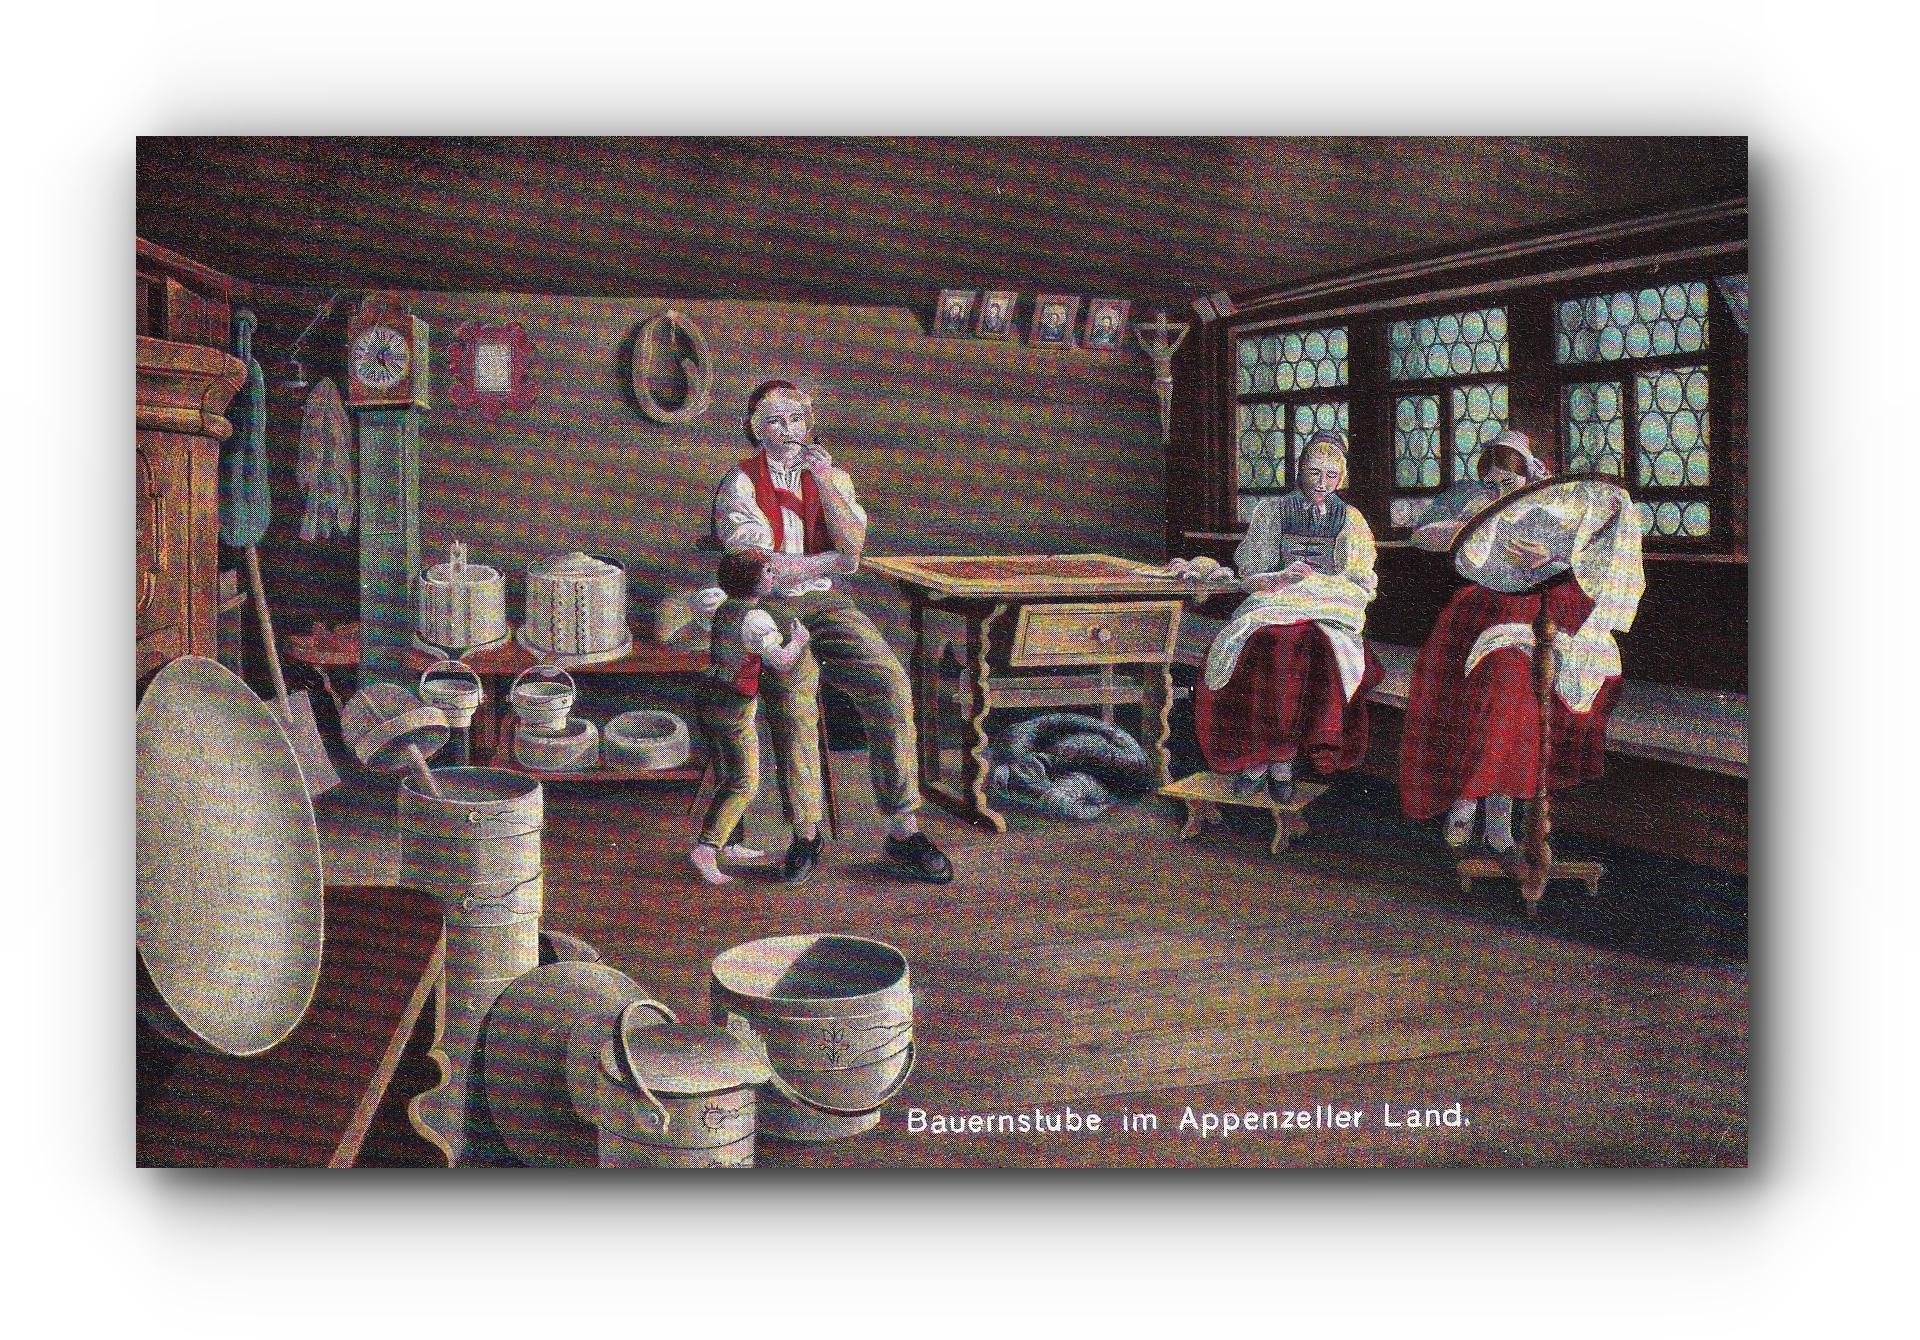 Bauernstube Appenzell - 20.08.1911 - Salle de séjour des fermiers d'Appenzell - Farmhouse parlour Appenzell